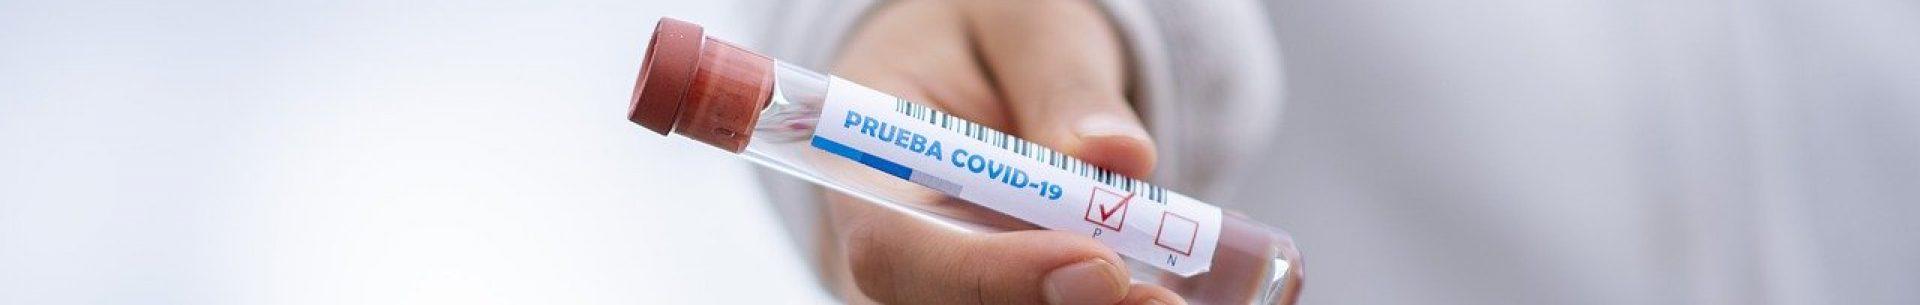 Organizační opatření ČSORLCHHK ČLS JEP vsouvislosti sonemocněním COVID-19 způsobeným virem SARS-CoV-2 pro screening sluchu novorozenců a dětí ve věku 5 let vČeské republice